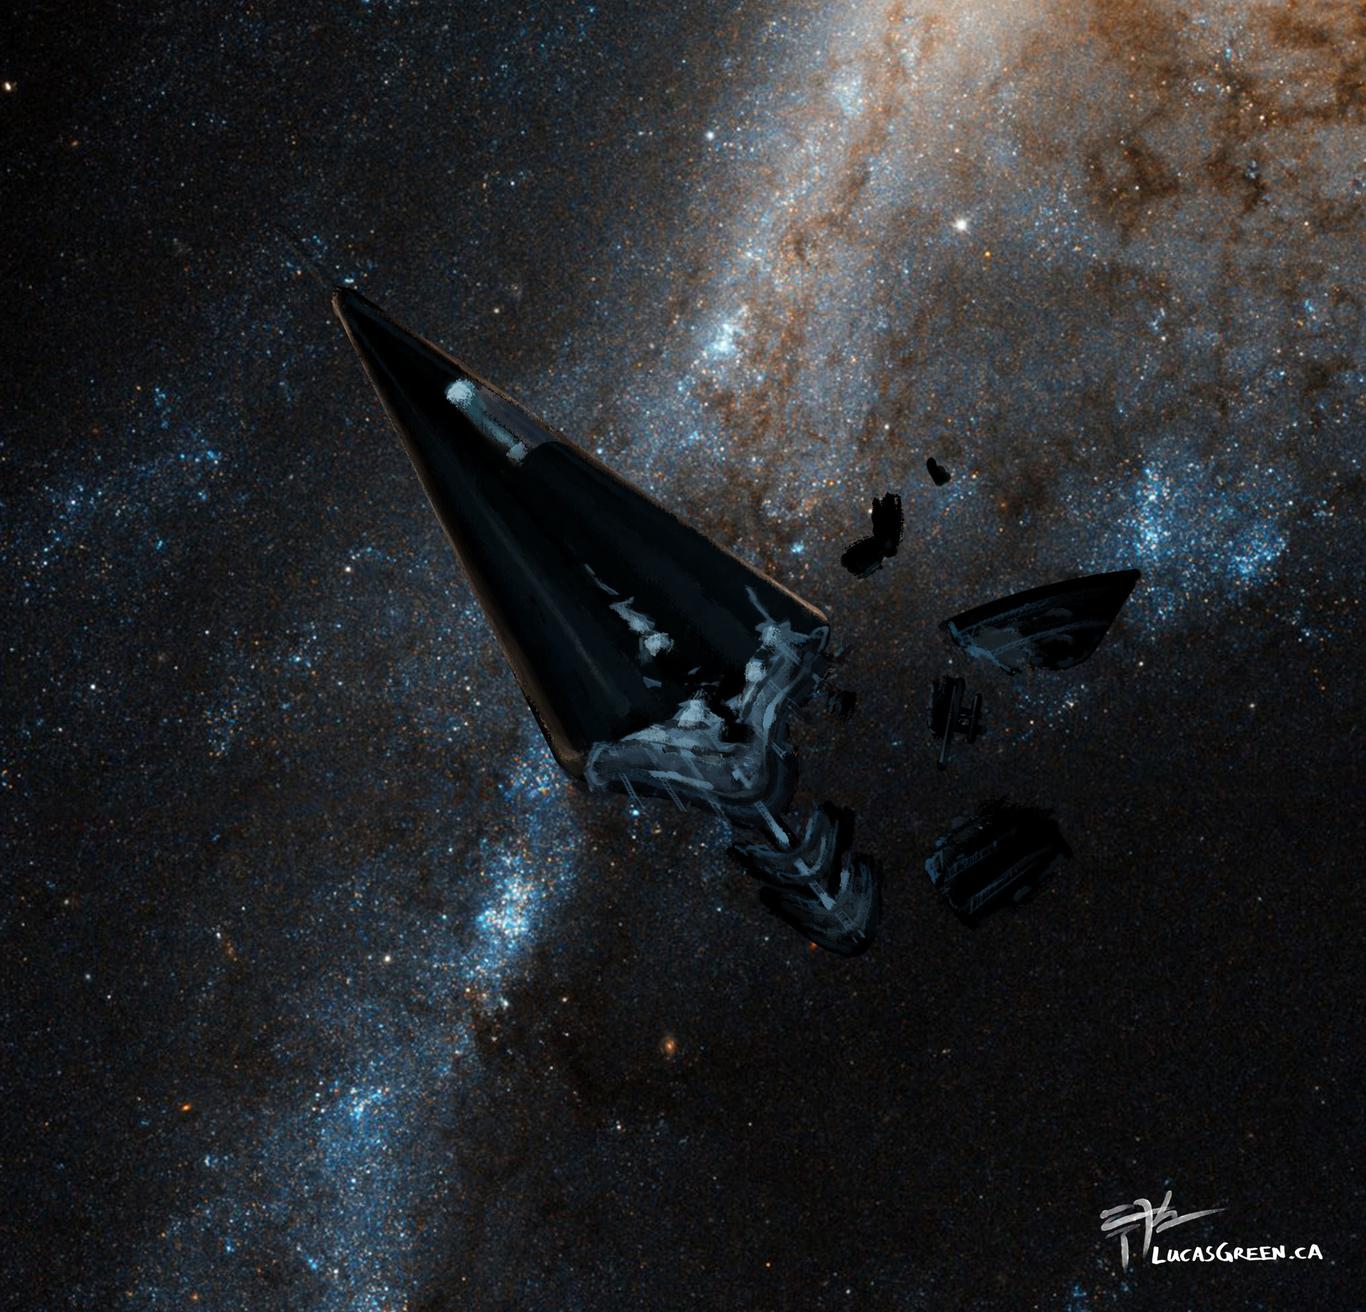 Lucasgreen here gather the star 1 59d2e18c 7ijh